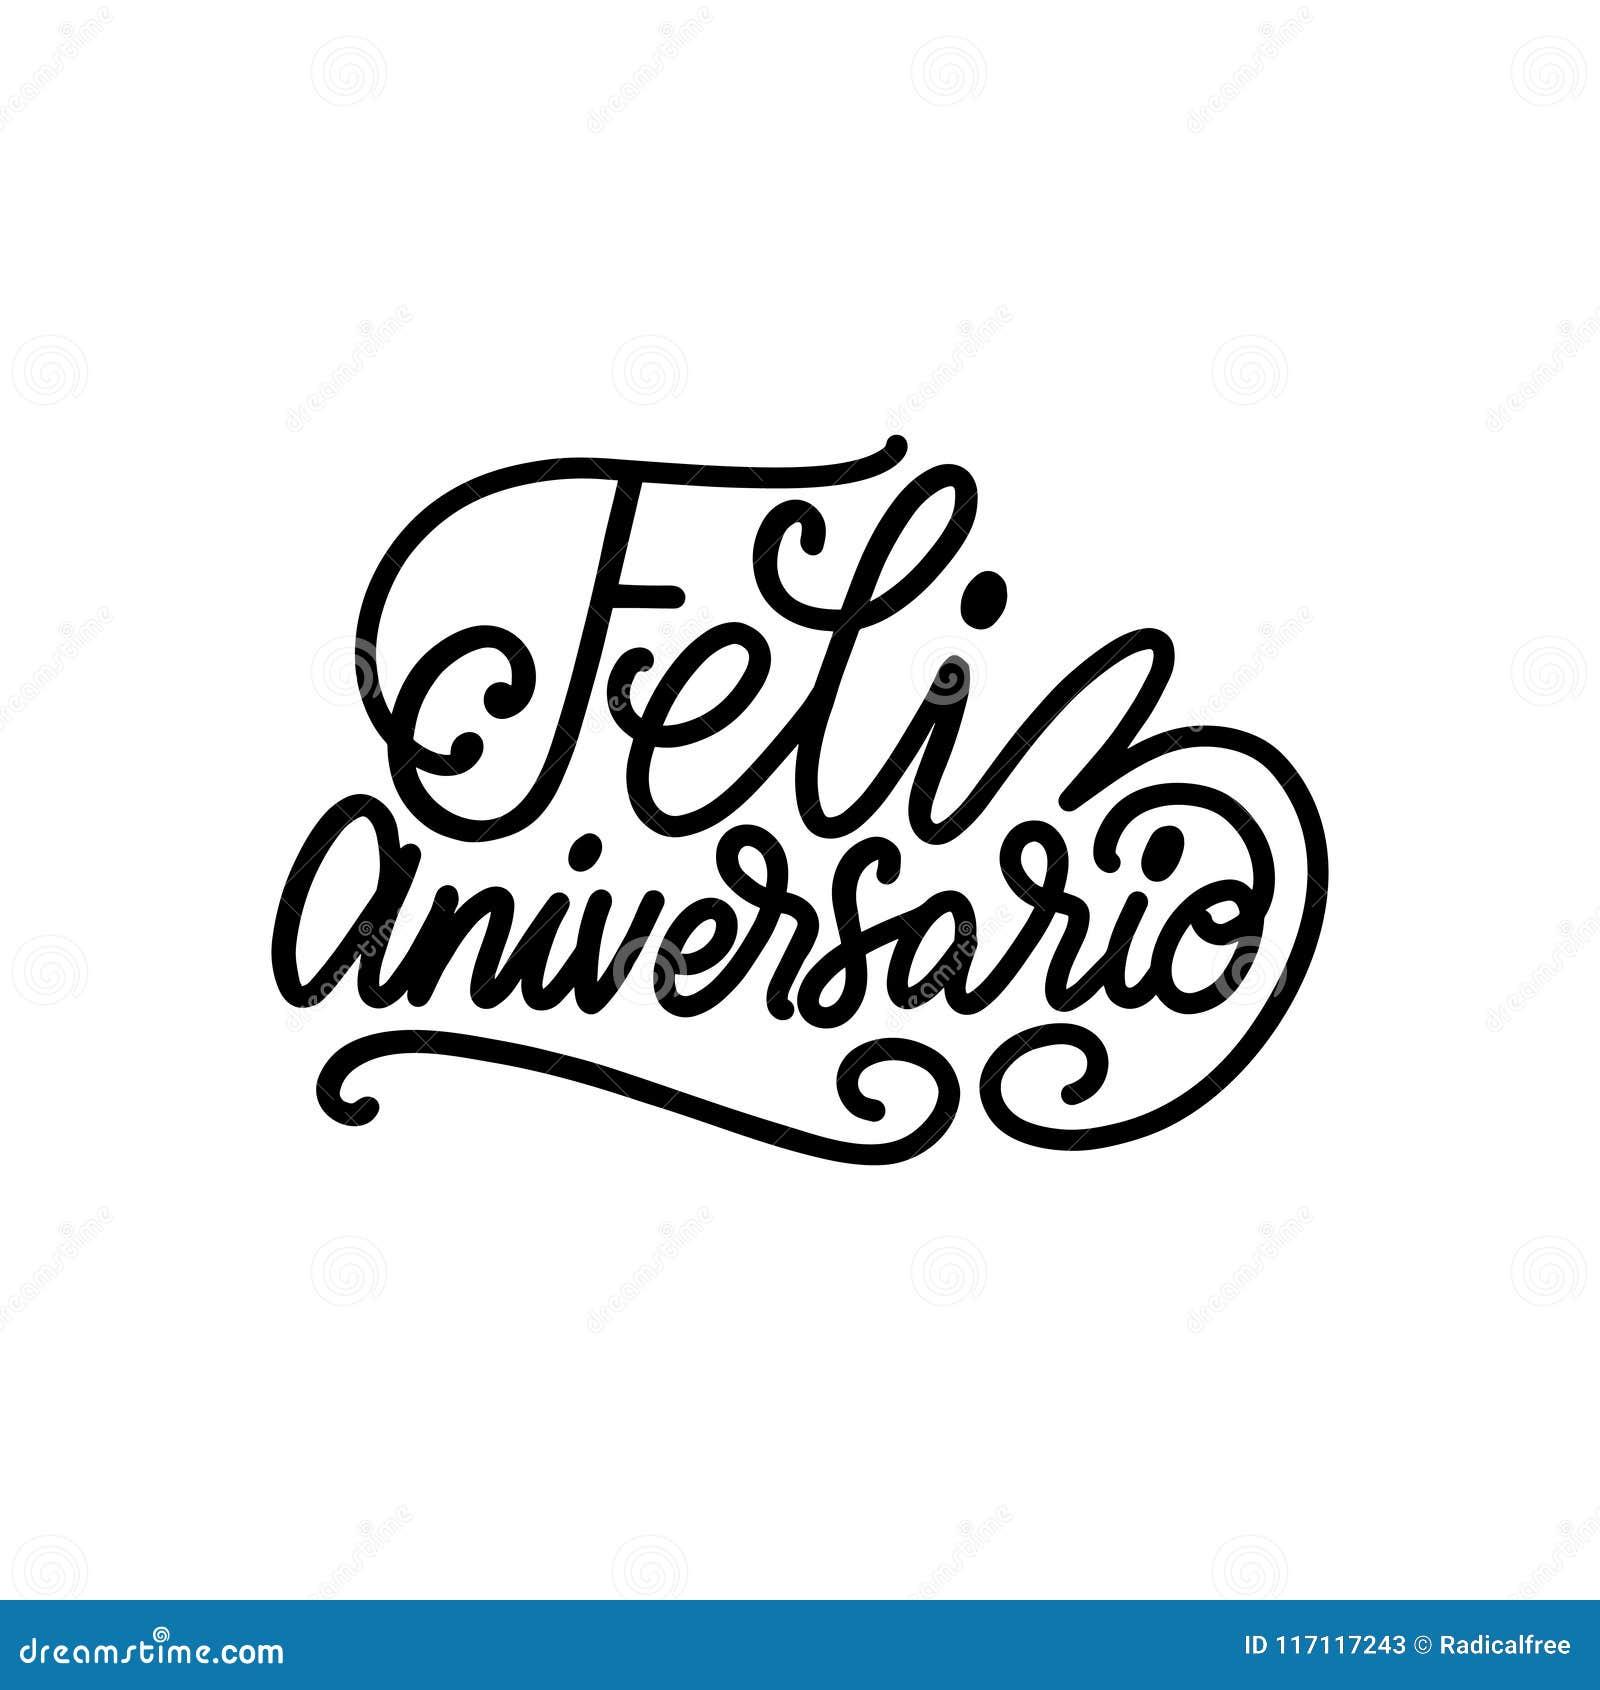 Feliz Aniversario переведенное от годовщины испанской